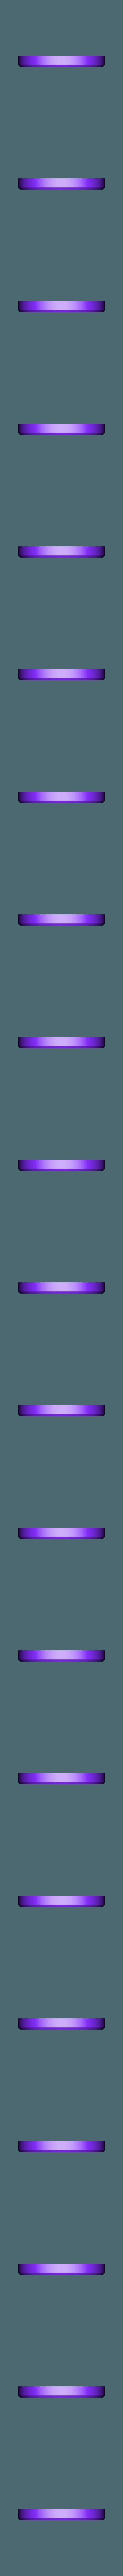 lid_body_v2.STL Download free STL file Multi-Color Kettle • 3D printable design, MosaicManufacturing